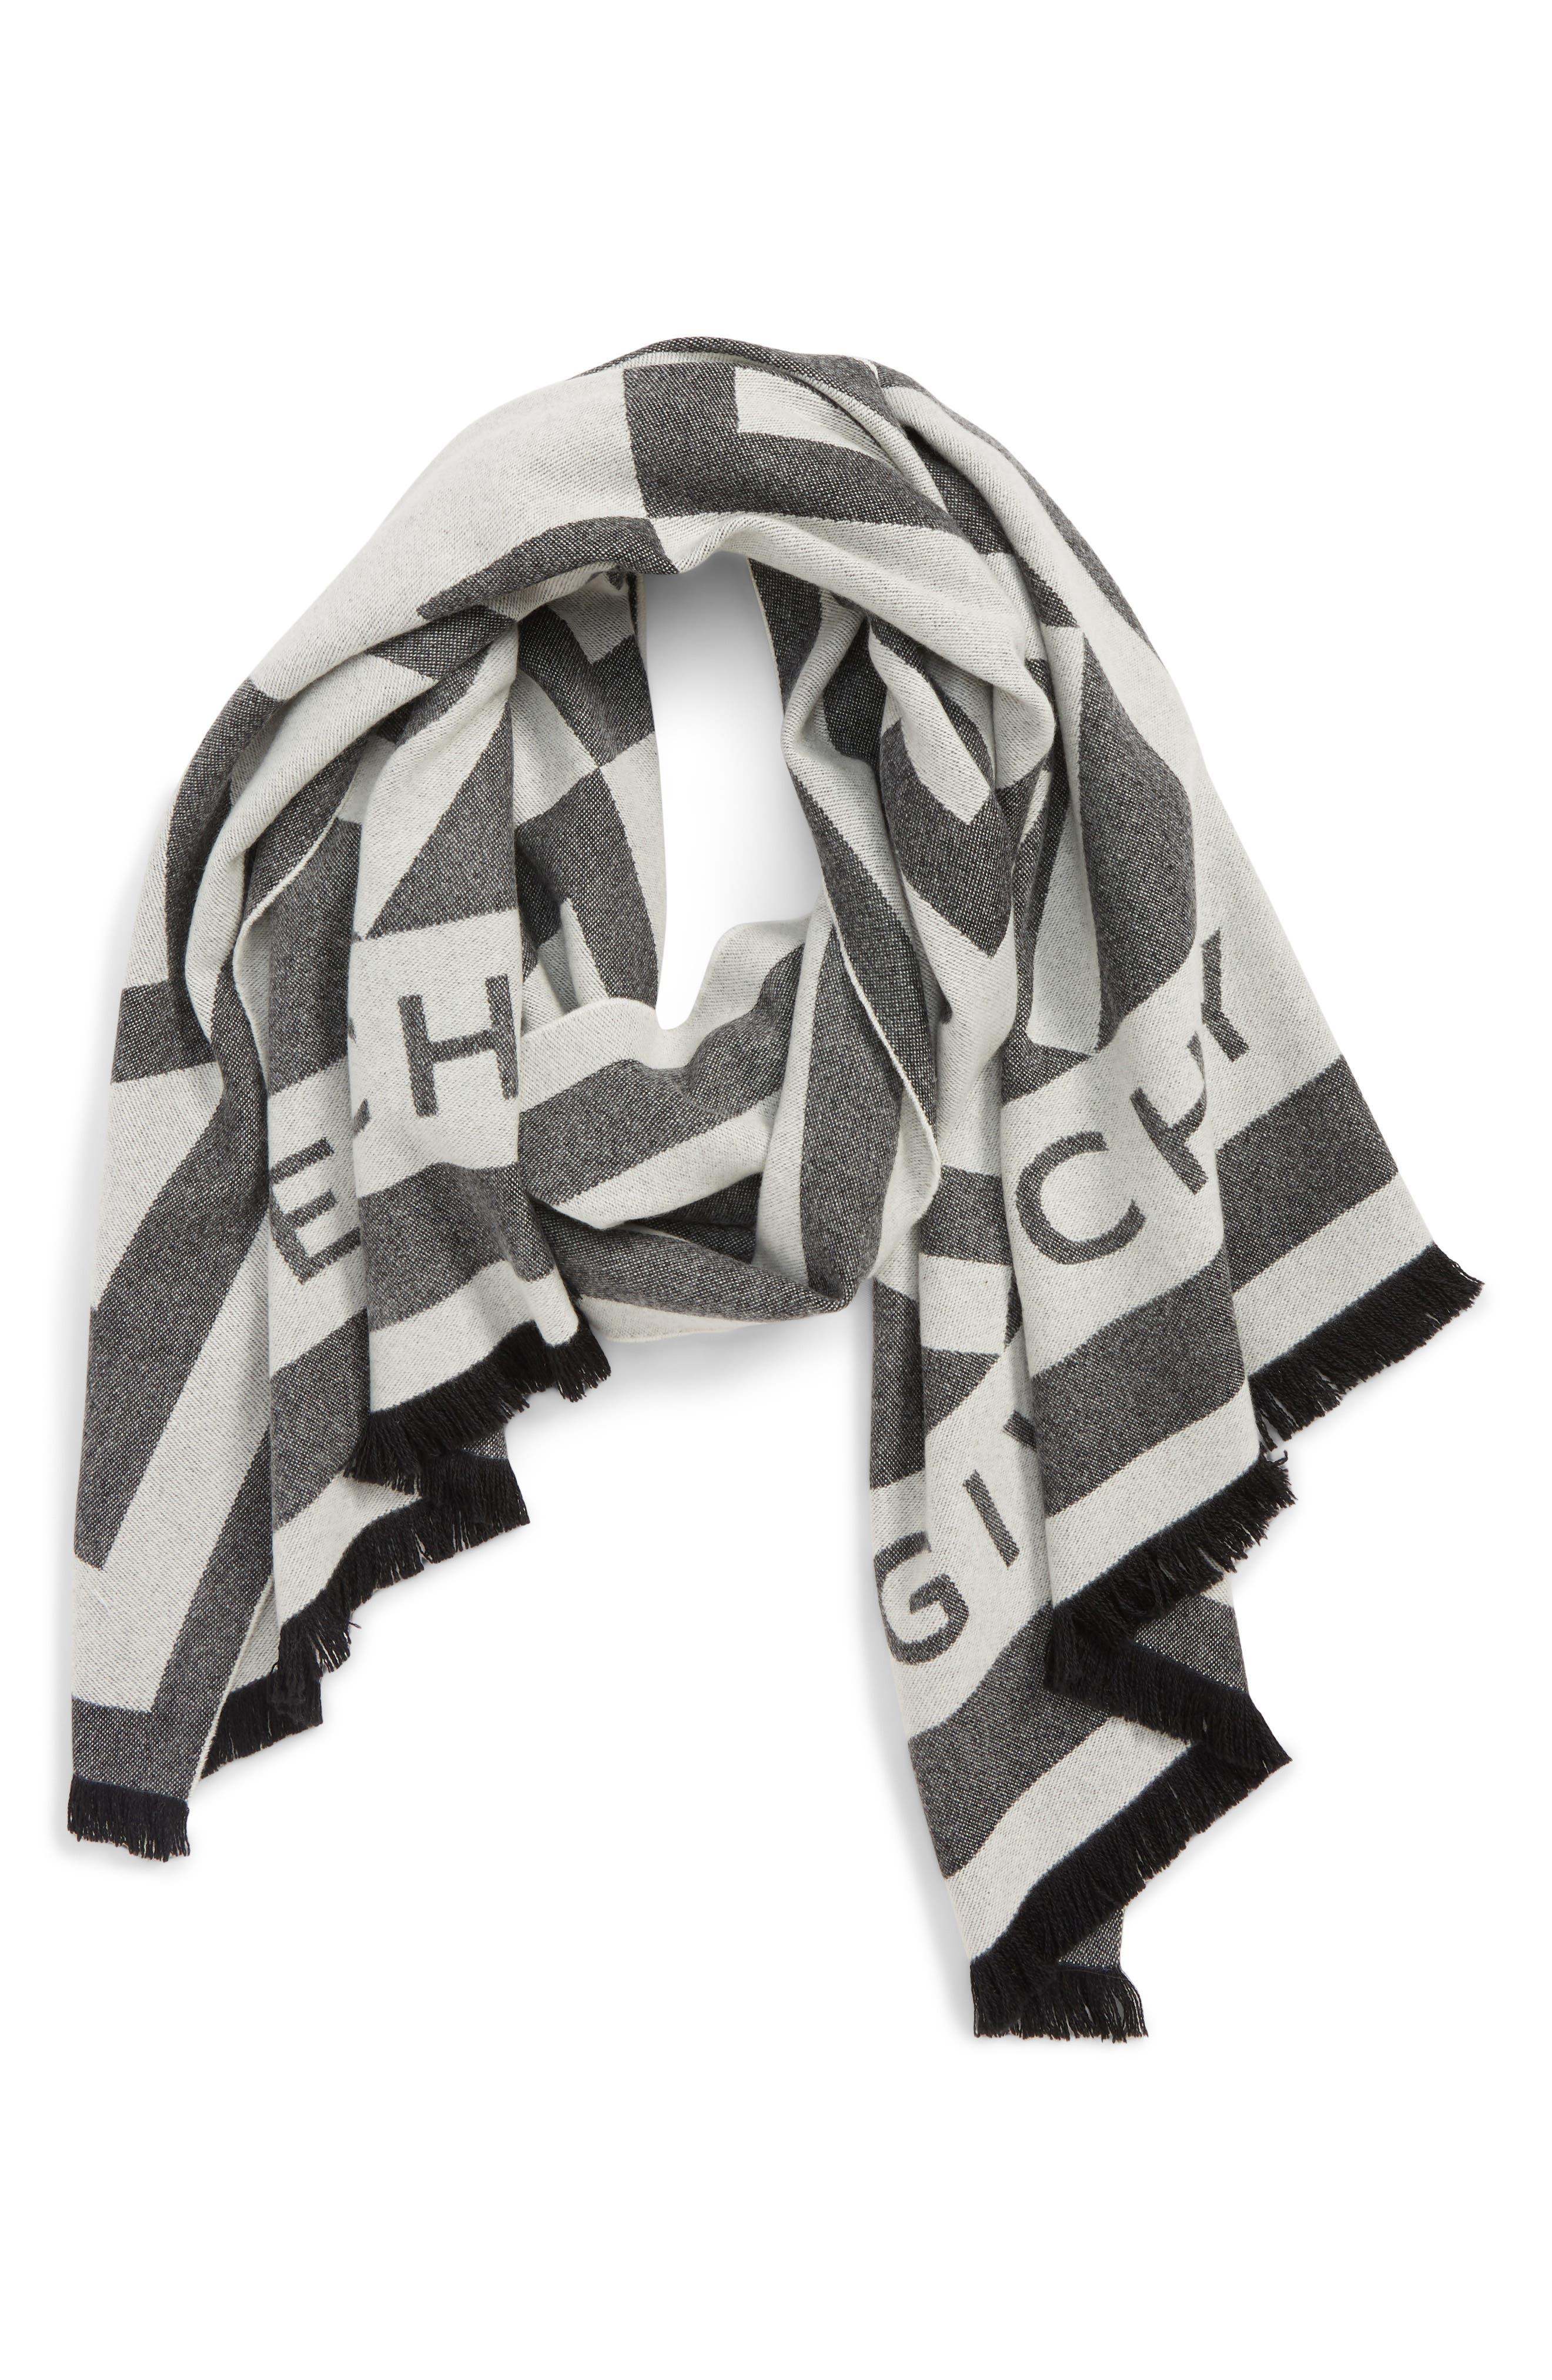 b5971e8dedeb3 givenchy cashmere scarves for women - Buy best women's givenchy cashmere  scarves on Cools.com Shop